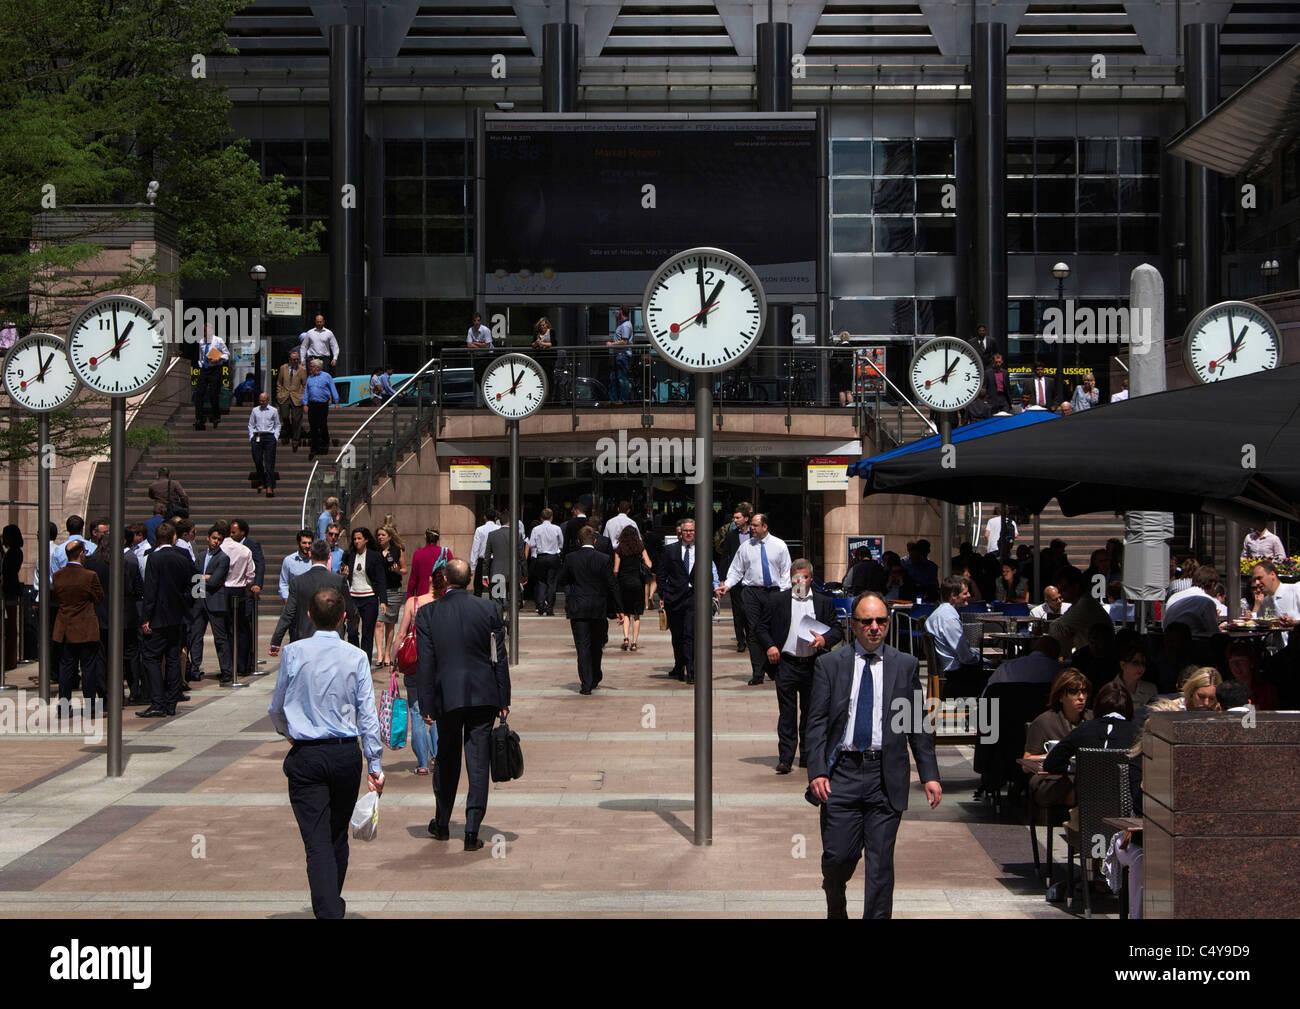 Six clocks at London's Canary Wharf - Stock Image